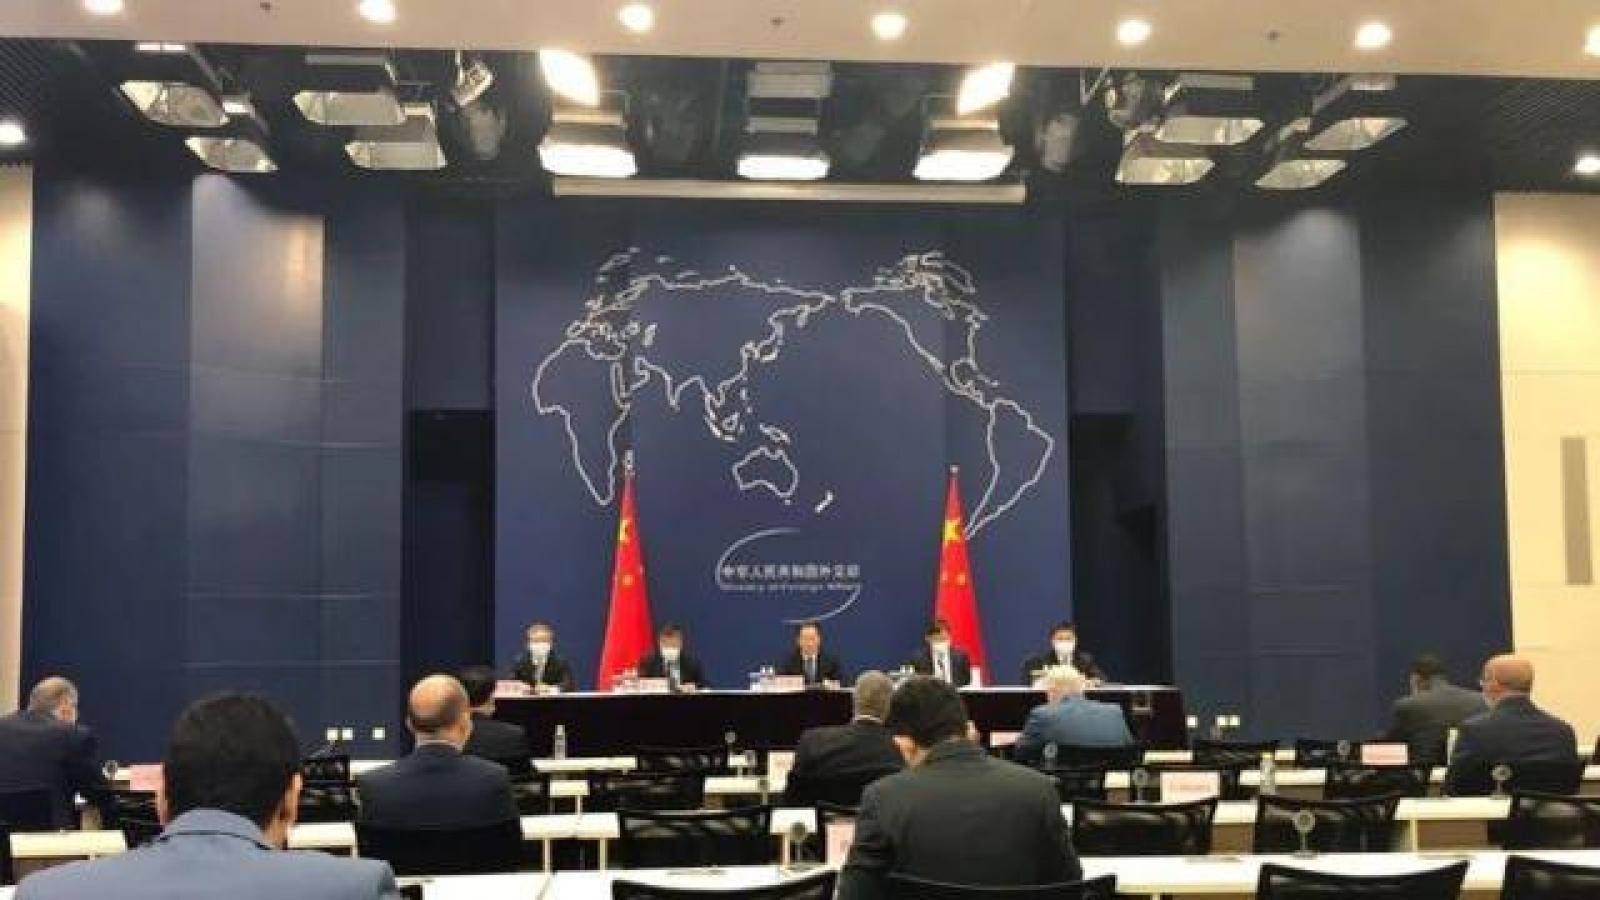 Trung Quốc nêu lý do phản đối điều tra nguồn gốc Covid-19 giai đoạn 2